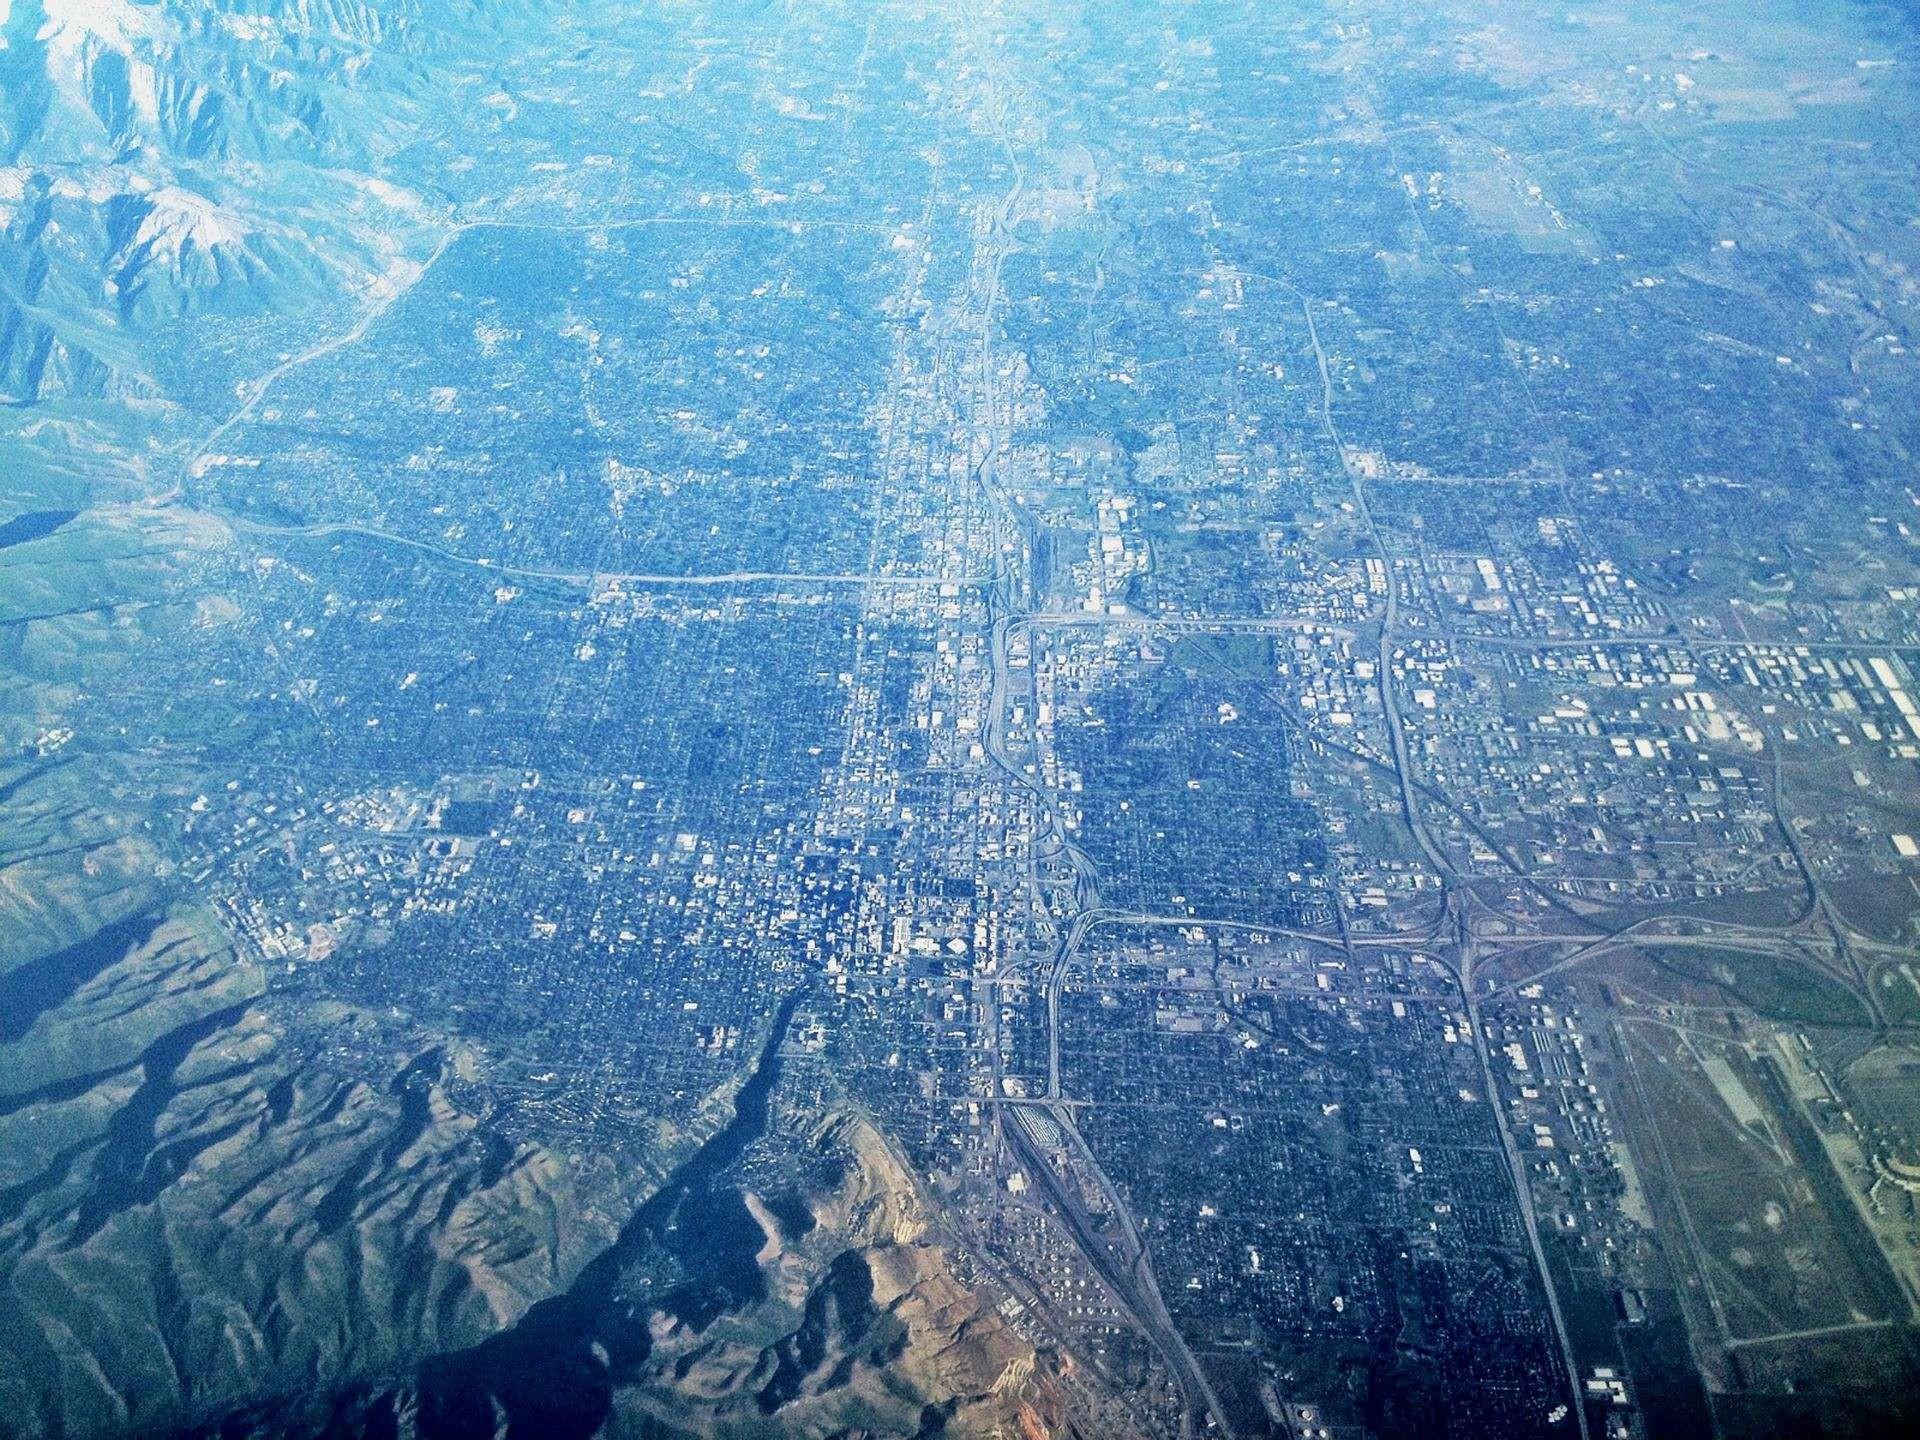 Vista aérea de Salt Lake City